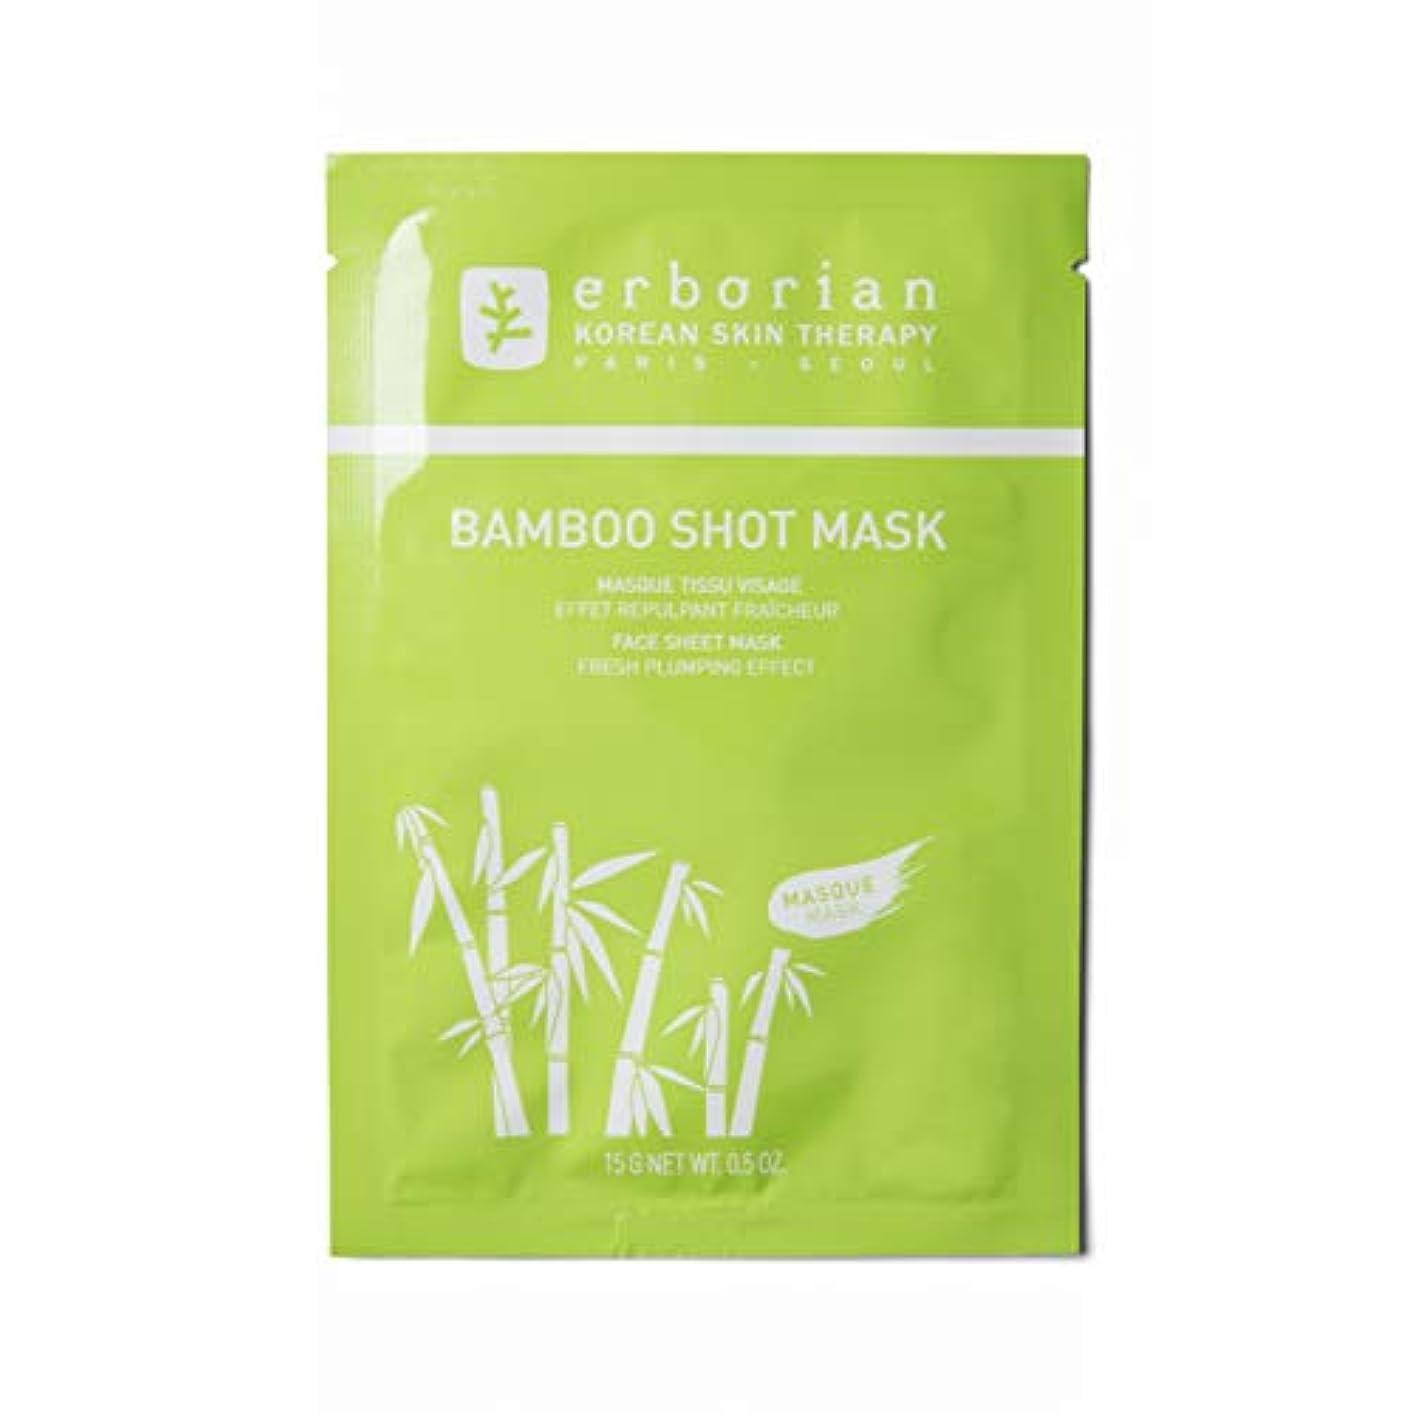 どちらも疼痛鼻Bamboo Shot Mask